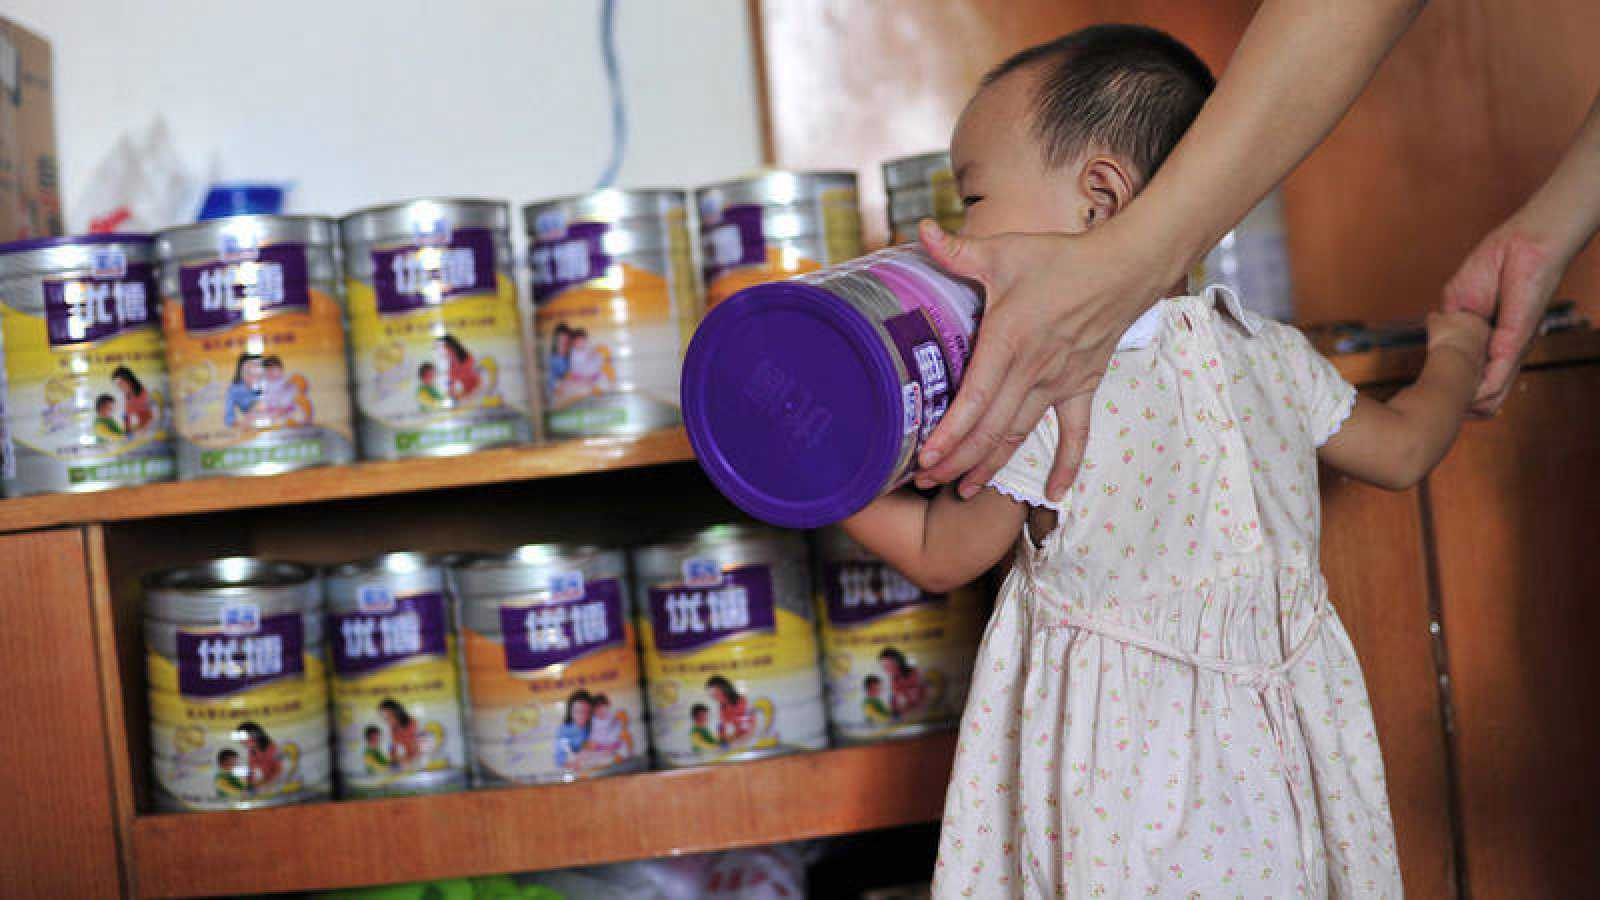 Imagen de una niña sosteniendo una lata de leche infantil en polvo.